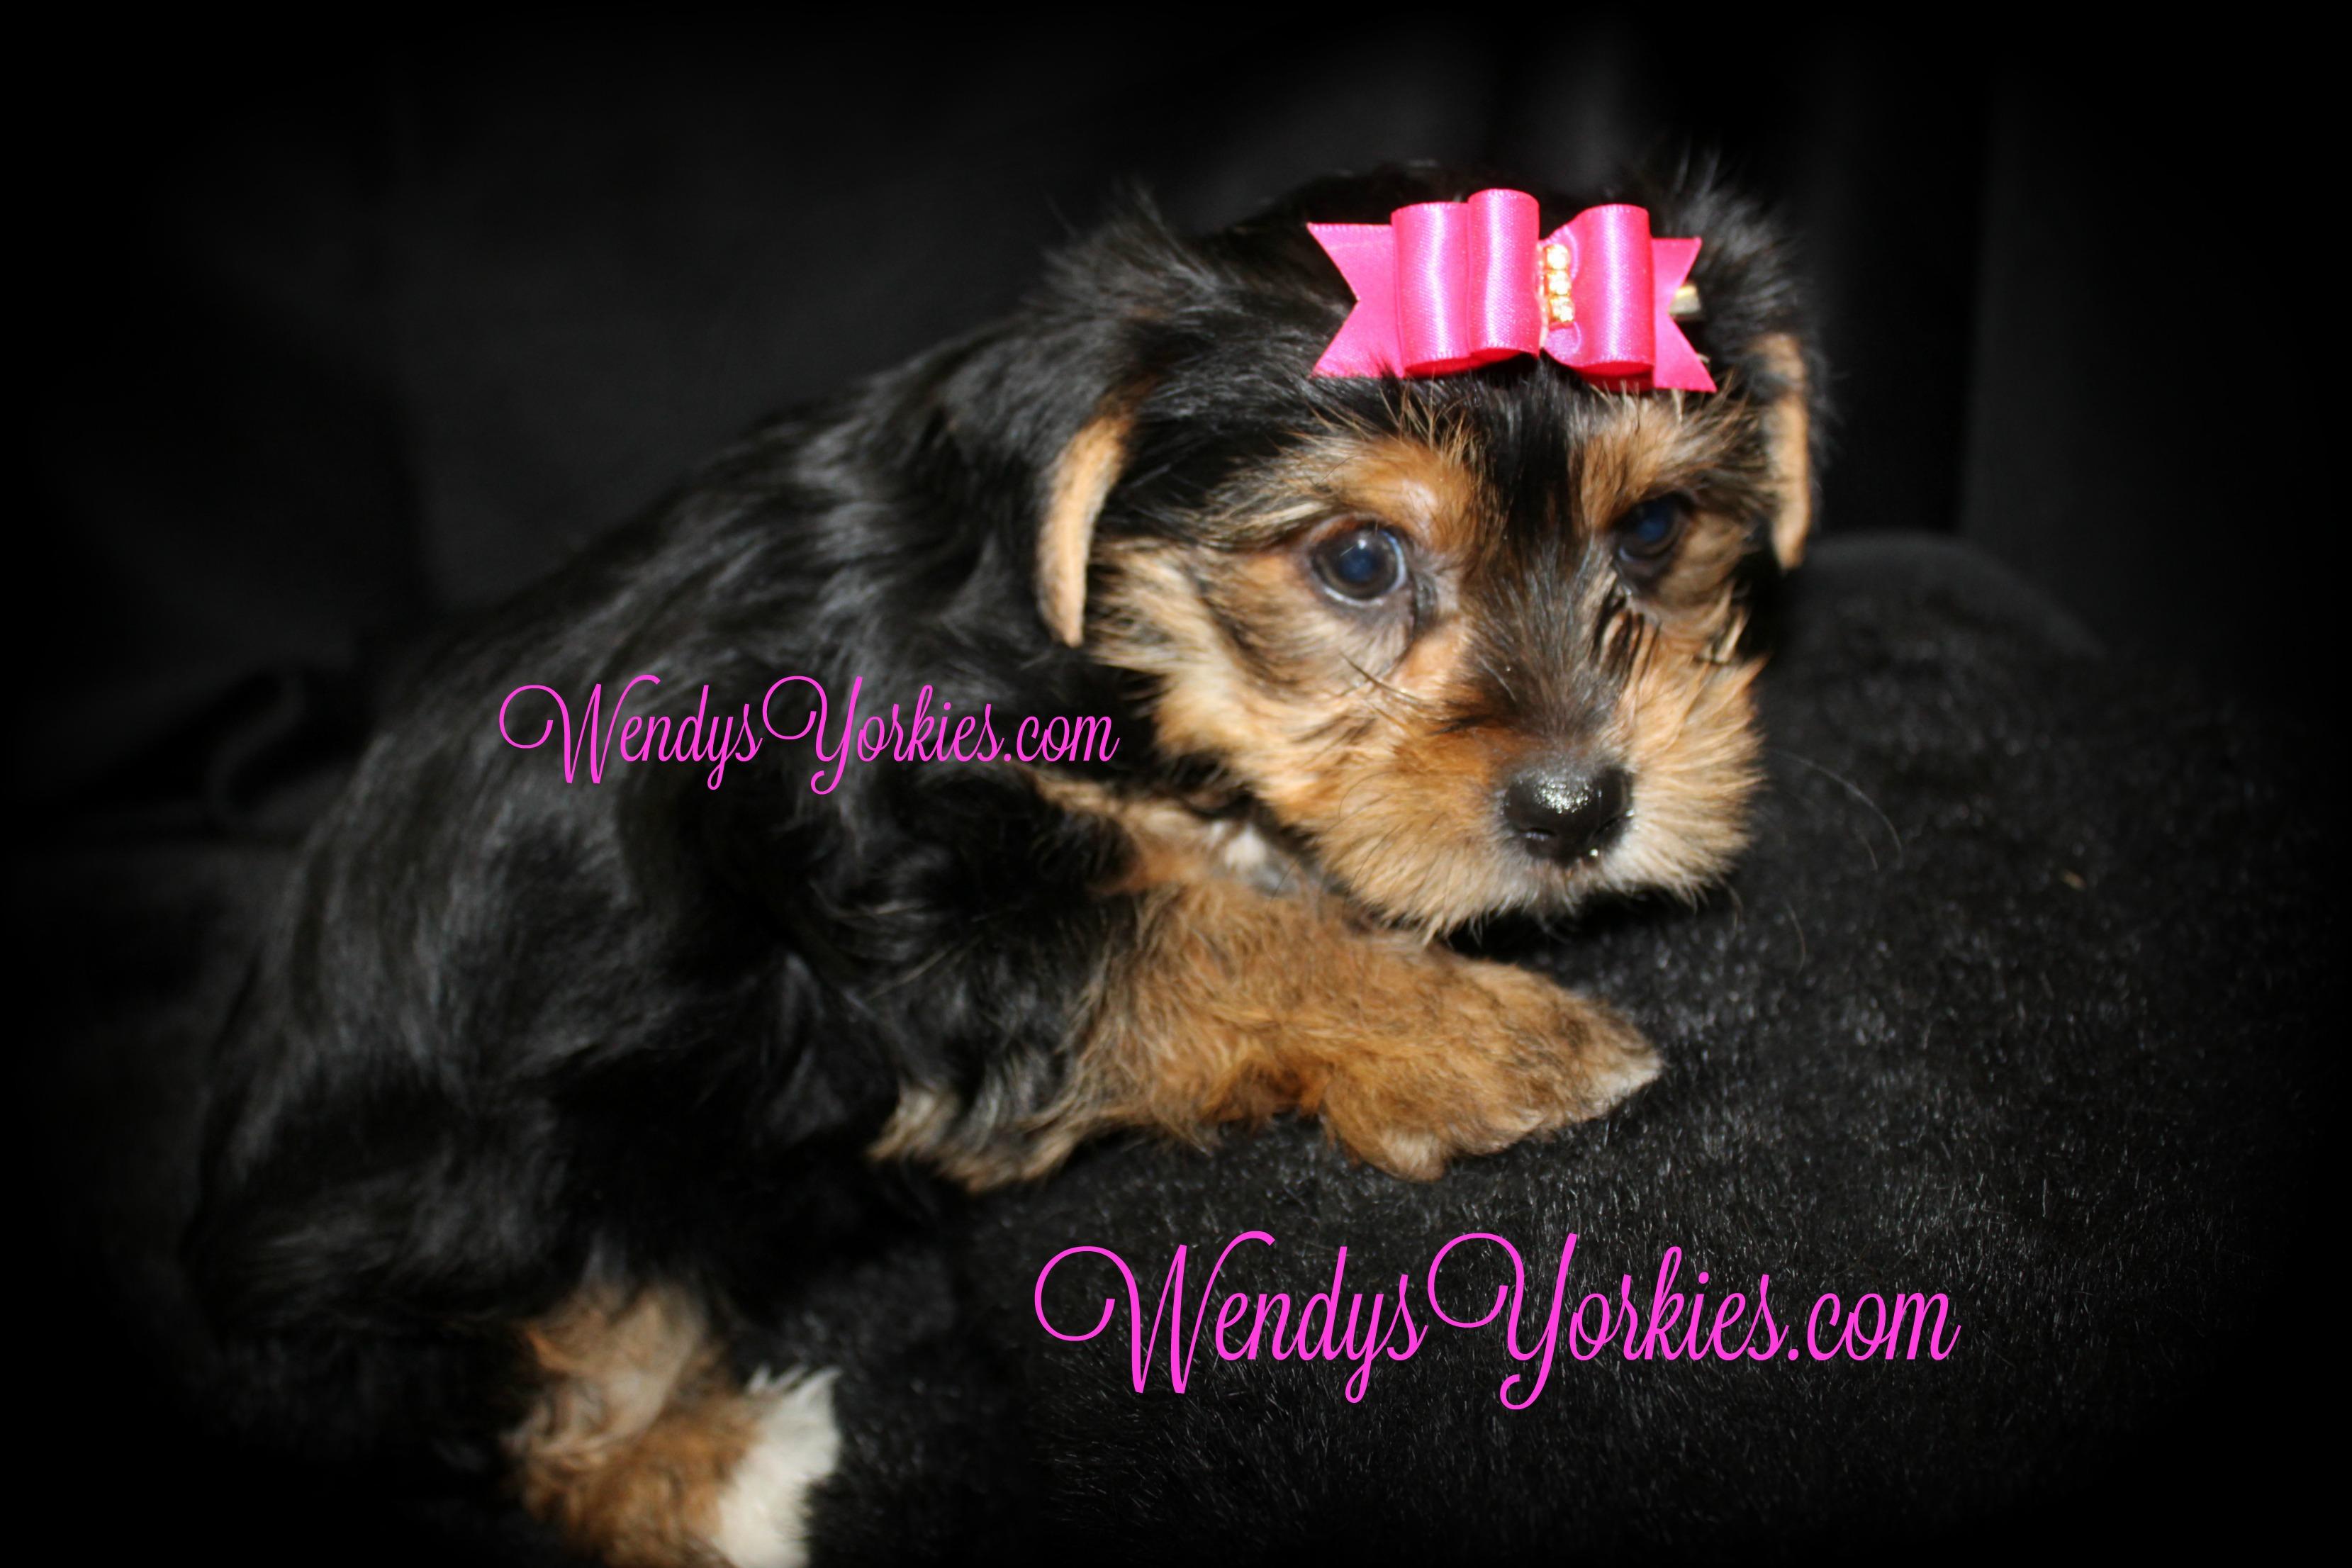 Yorkie puppies for sale, WendysYorkies, Penny